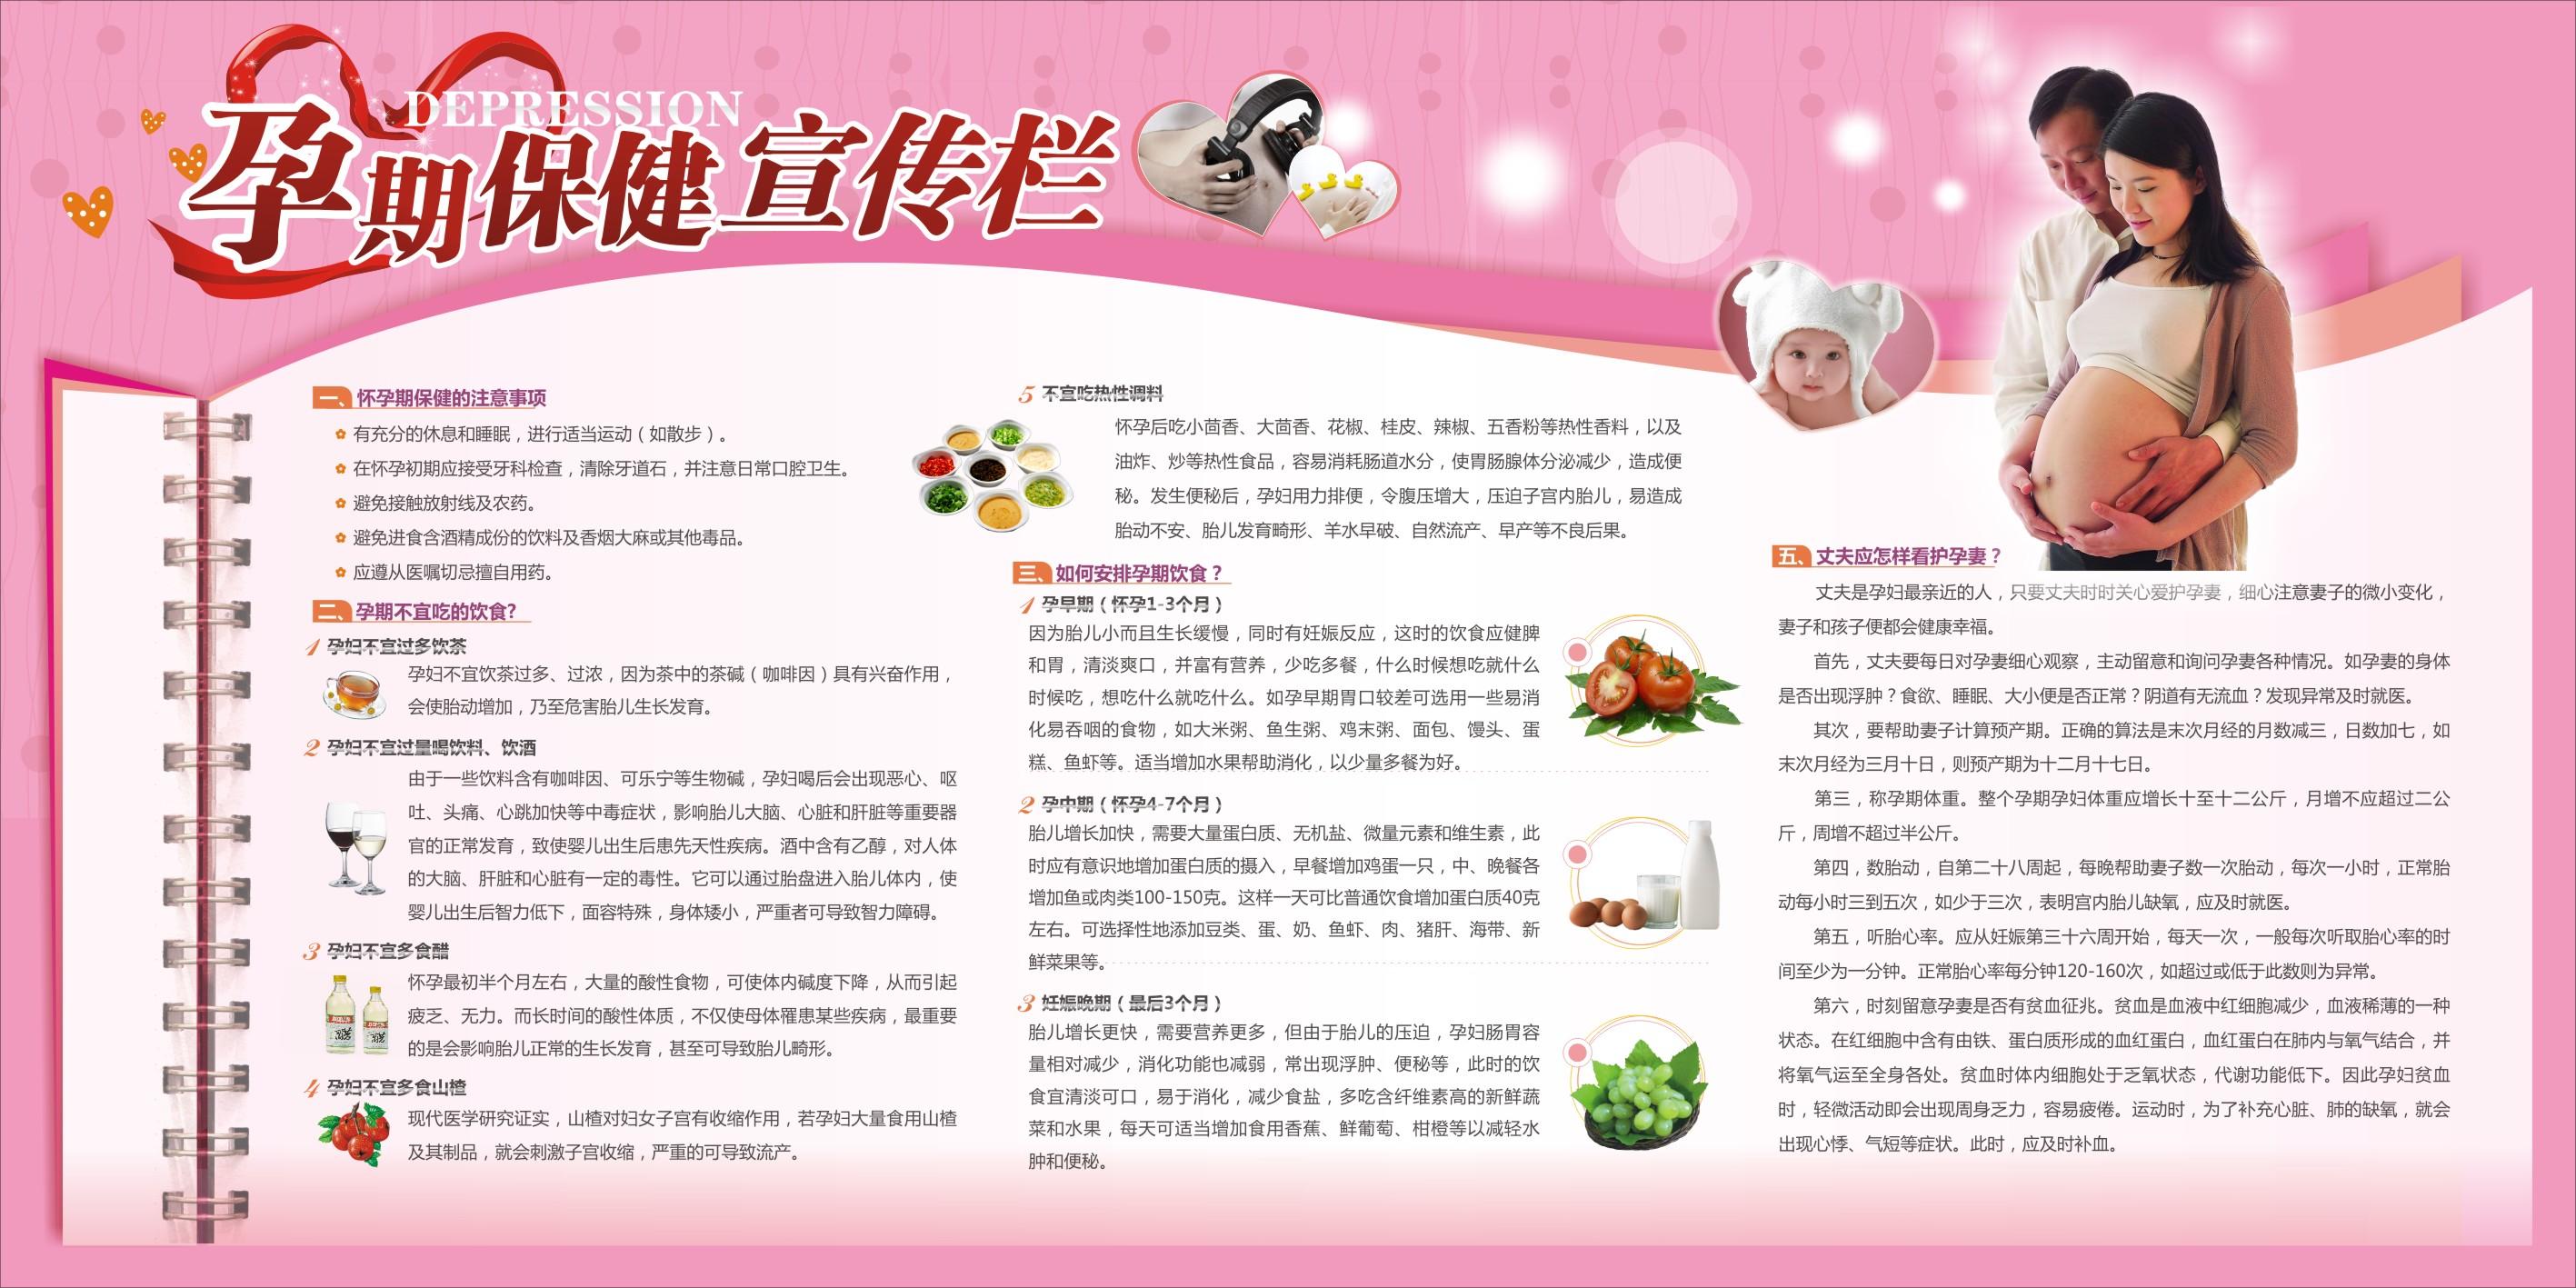 妇产科宣传标语_医院科室宣传图相关图片下载